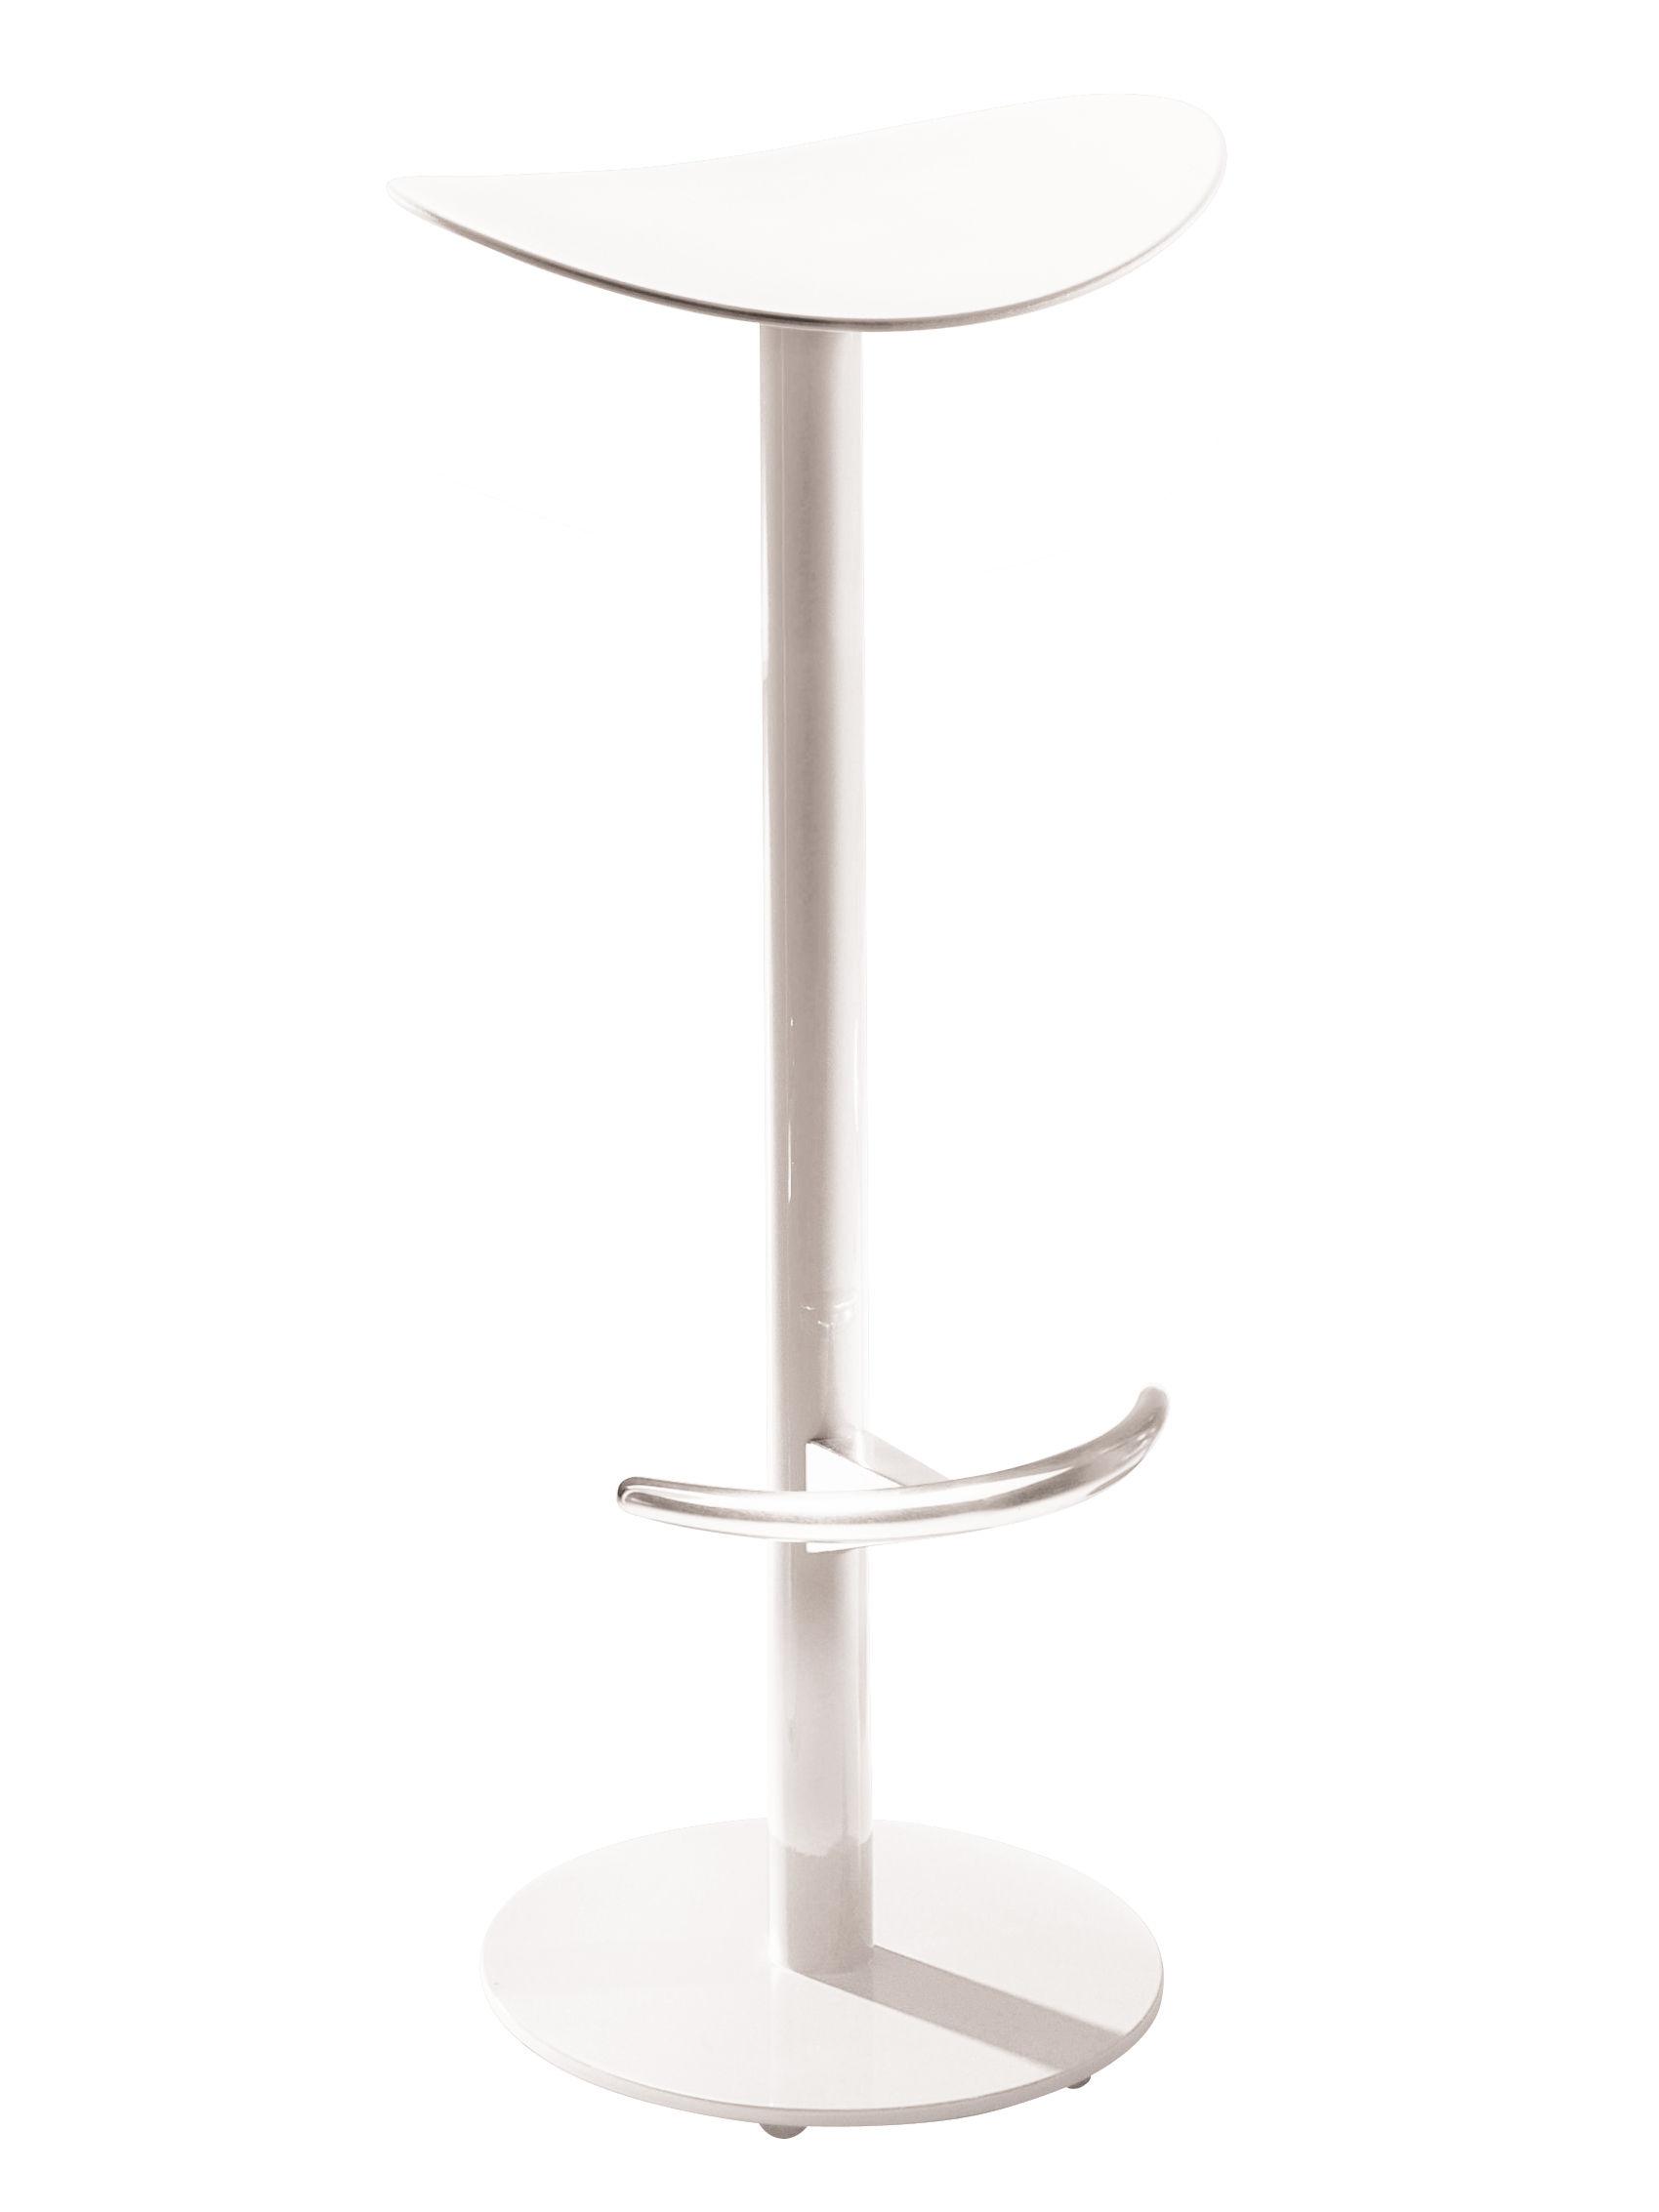 Mobilier - Tabourets de bar - Tabouret de bar Coma / H 75cm - Plastique & métal - Enea - Blanc - Acier laqué, Polypropylène